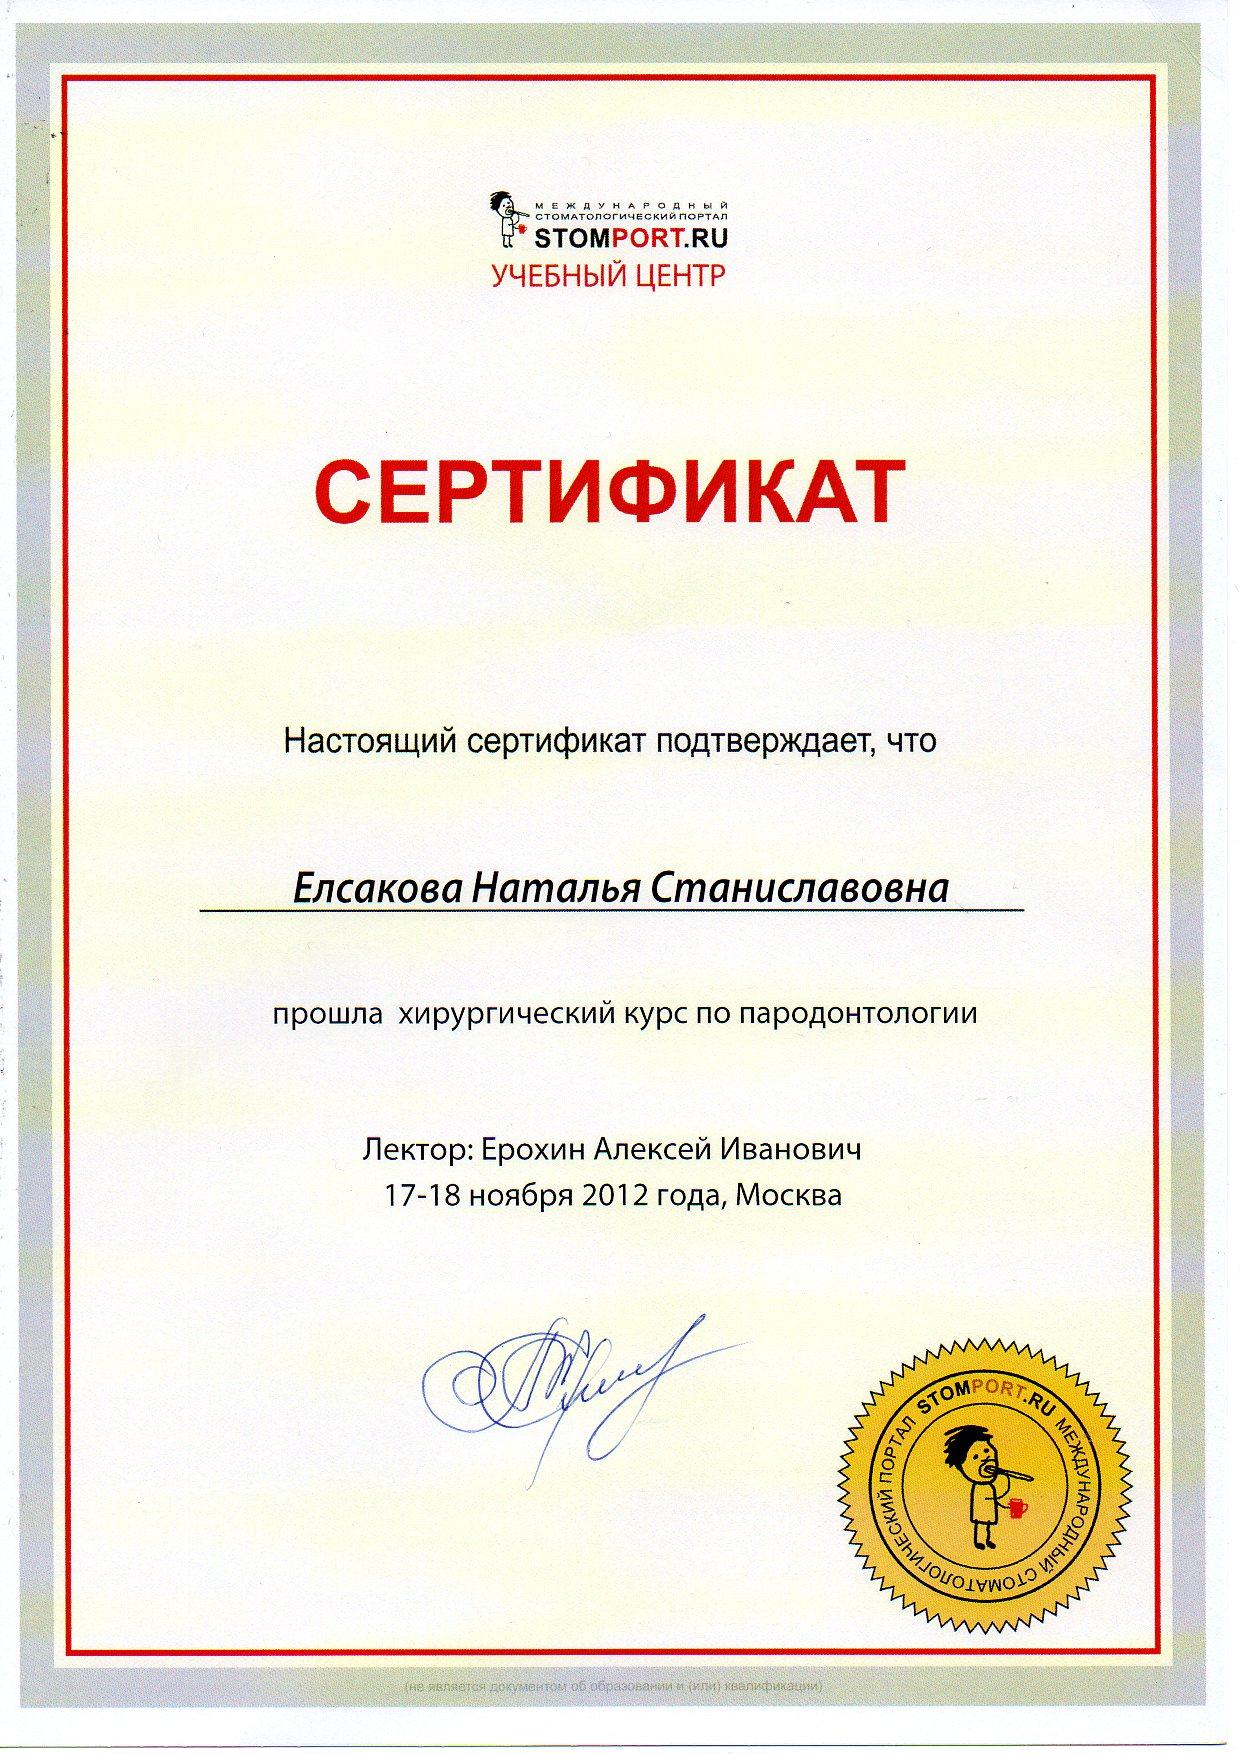 Елсакова Наталья Станиславовна-Сертификат_08